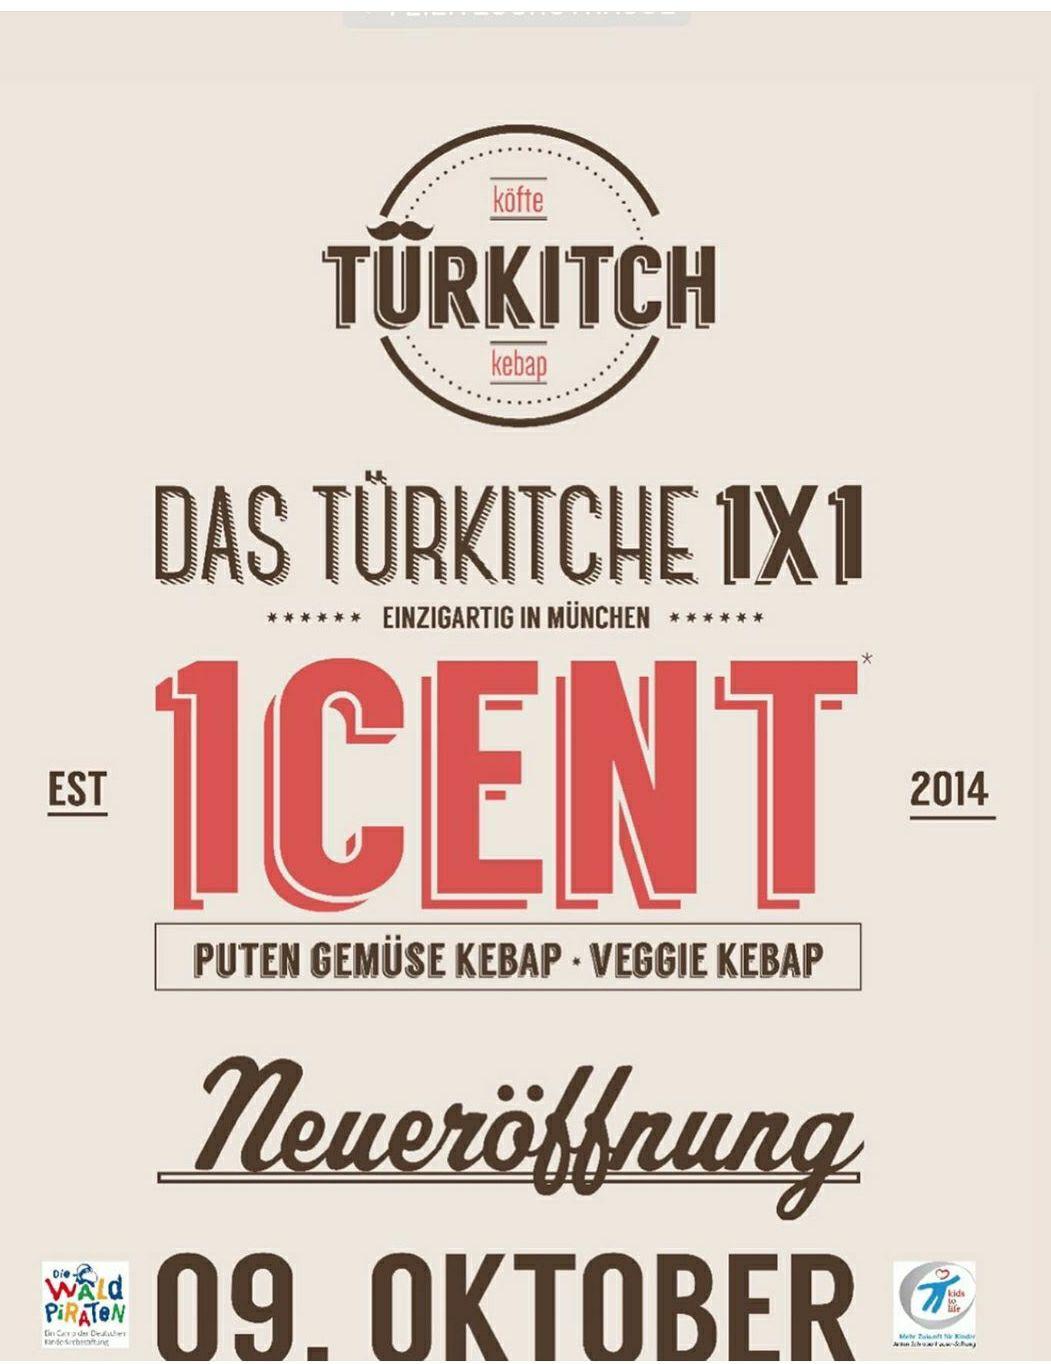 Türkitch Kebap 1 Cent in München